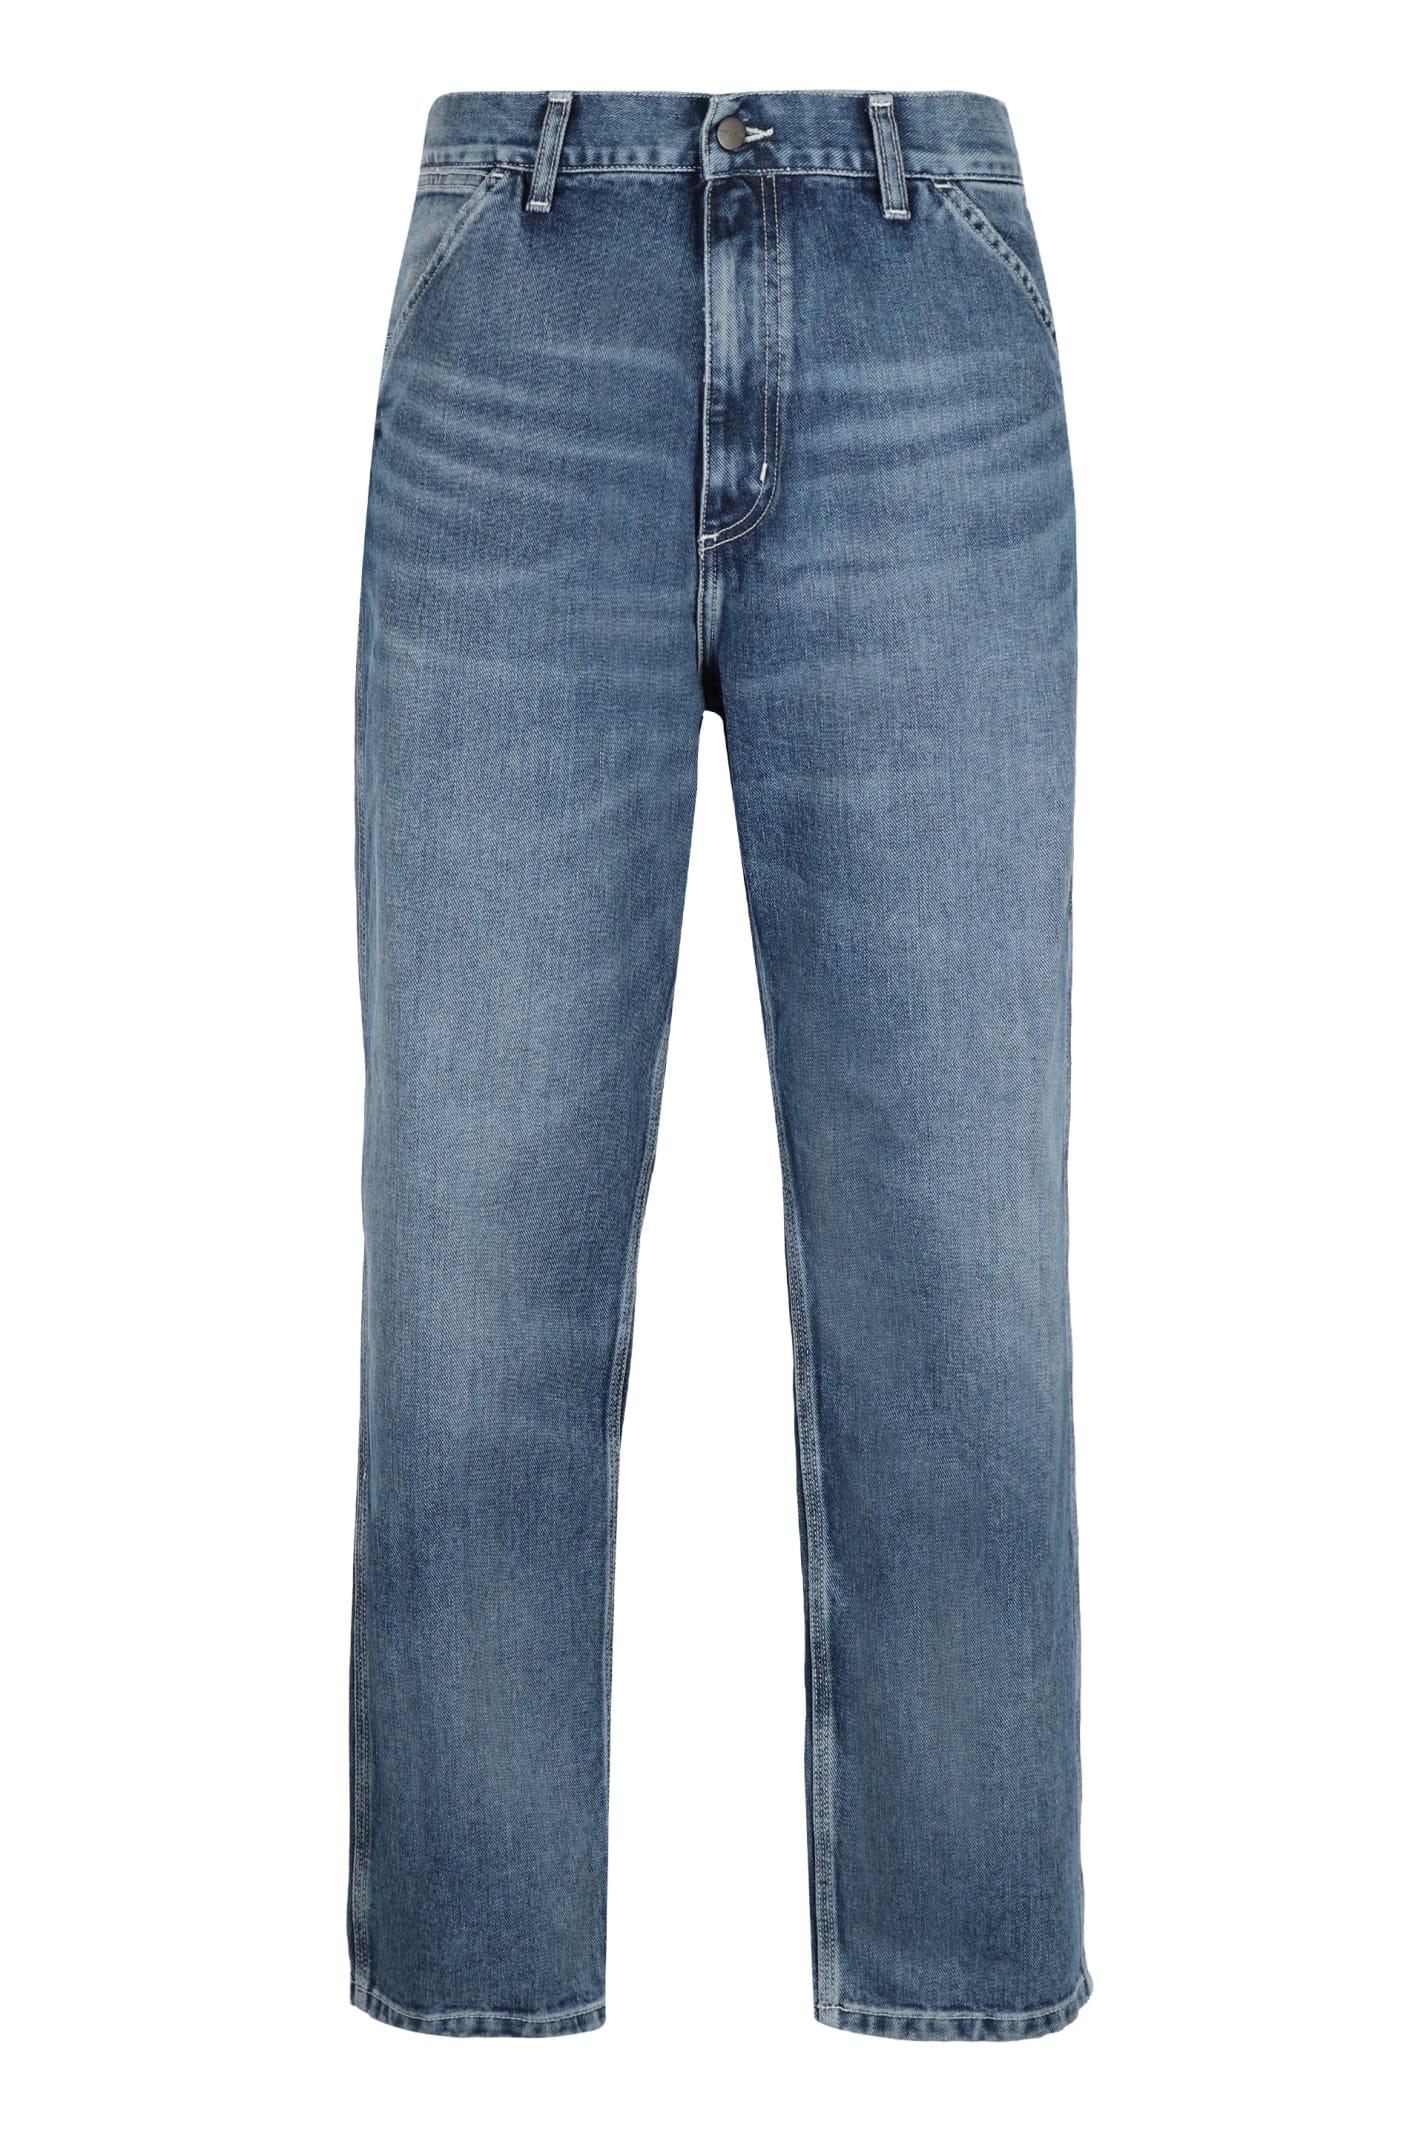 Penrod 5-pocket Regular Fit Jeans